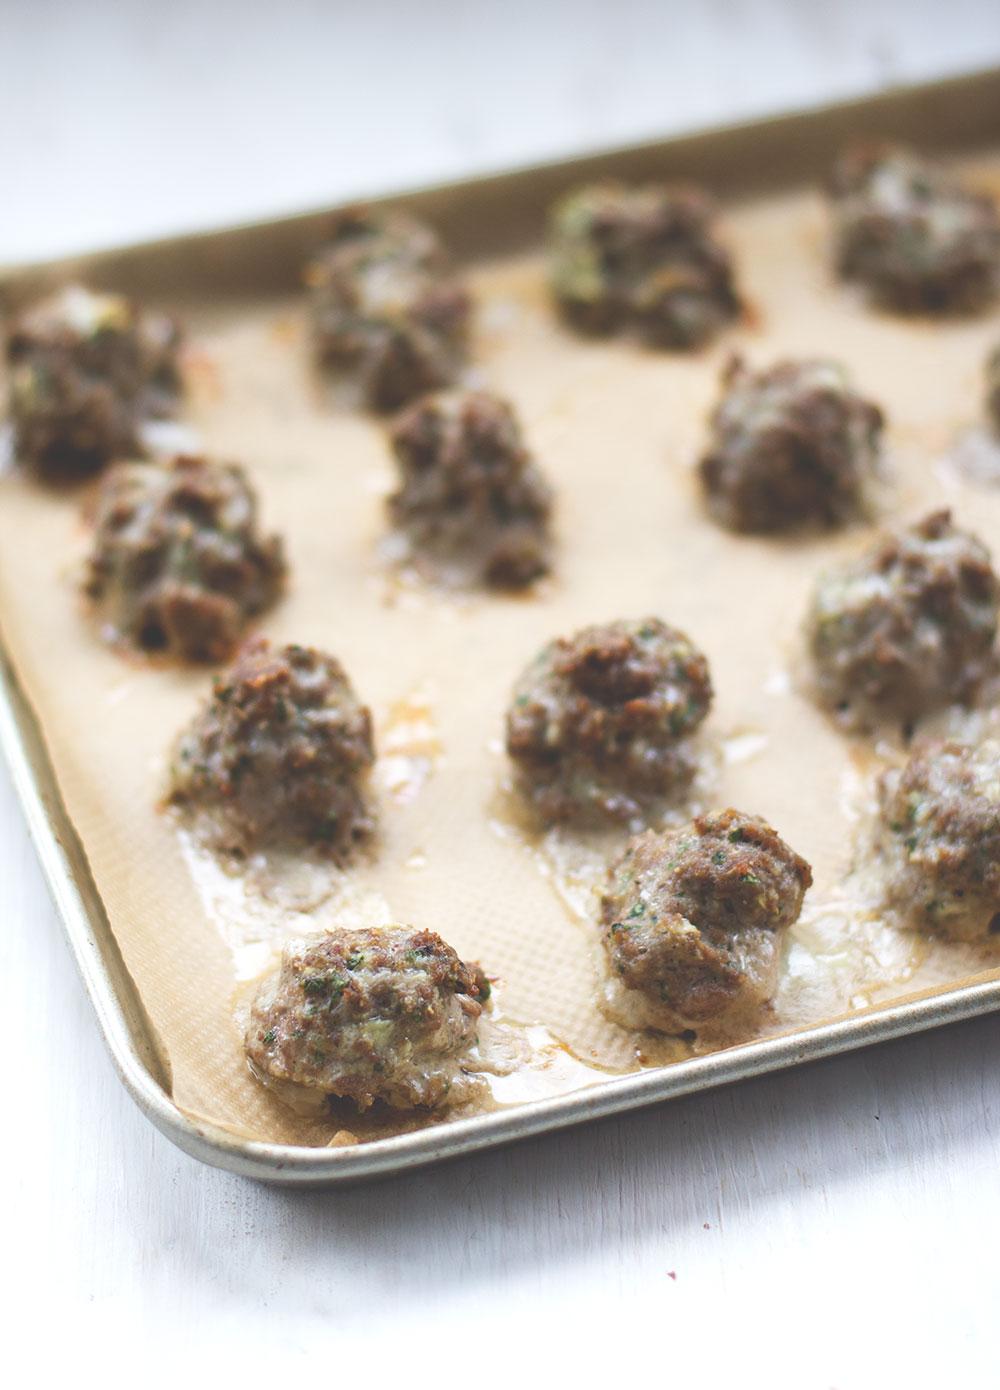 Hackfleischbällchen / Meatballs aus dem Ofen - Rezept von moeyskitchen.com